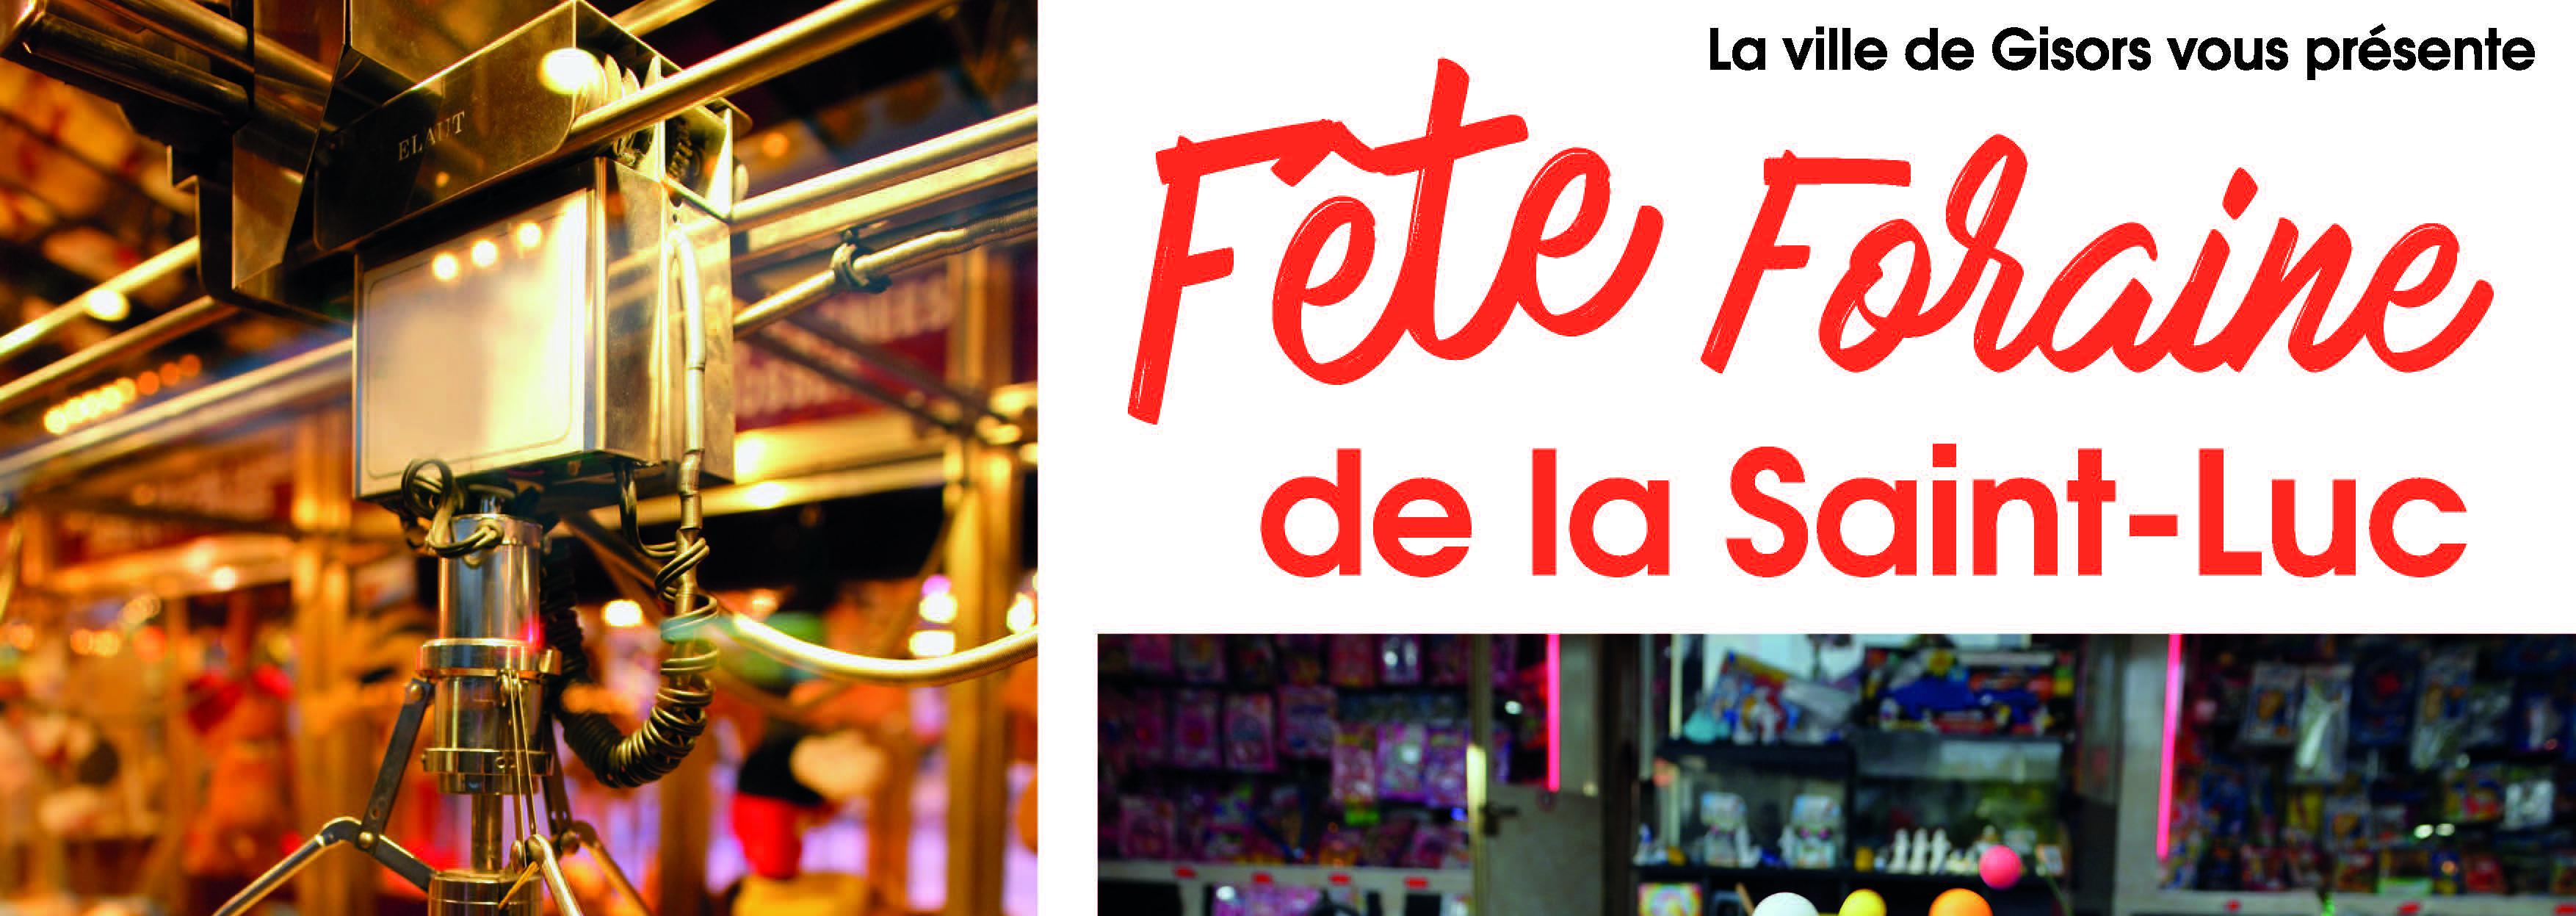 FETE FORAINE DE LA SAINT-LUC